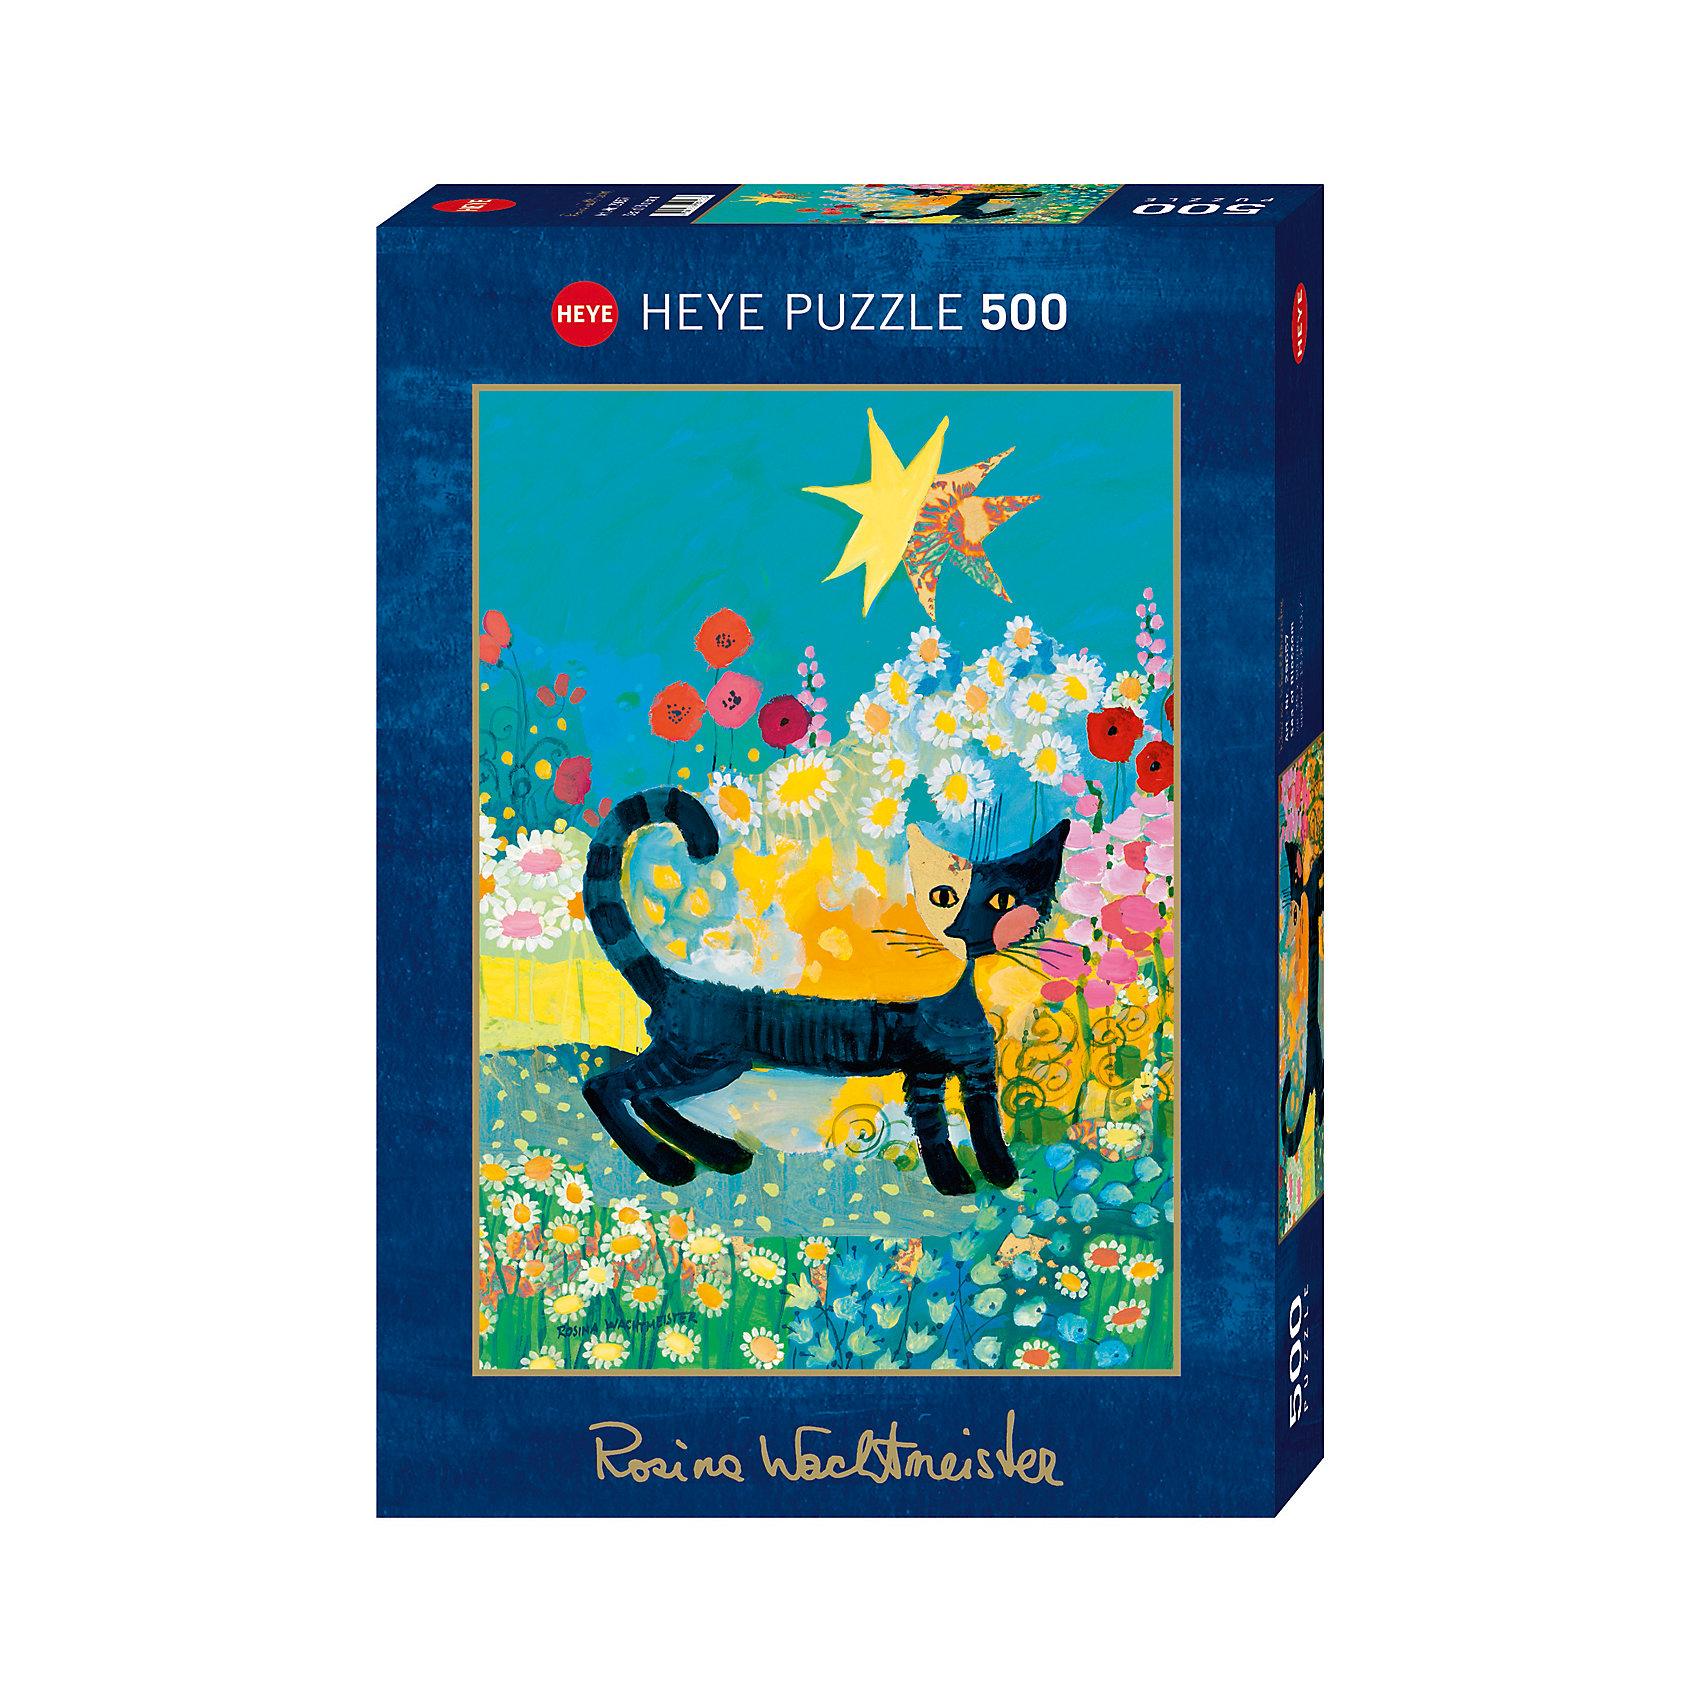 Пазл Море цветов, 500 деталей, HeyeRosina Wachtmeister (Розина Вахтмайстер) получила известность во всем мире благодаря картинам с изображением забавных кошек с яркими мордашками. Яркие, геометрические формы рисунка оставляют неизгладимое впечатление от образа этих волшебных кошек. Большинство работ автора пронизаны южными мотивами, в частности, Италией, где автор картин проживает со множеством кошек и других питомцев.<br><br>Дополнительная информация:<br><br>Размер готовой картинки: 35 х 50 см<br>Картина художника Rosina Wachtmeister<br>Тиснение золотой фольгой<br><br>Пазл Море цветов, 500 деталей, Heye можно купить в нашем магазине.<br><br>Ширина мм: 274<br>Глубина мм: 192<br>Высота мм: 63<br>Вес г: 448<br>Возраст от месяцев: 144<br>Возраст до месяцев: 228<br>Пол: Унисекс<br>Возраст: Детский<br>Количество деталей: 500<br>SKU: 4163050